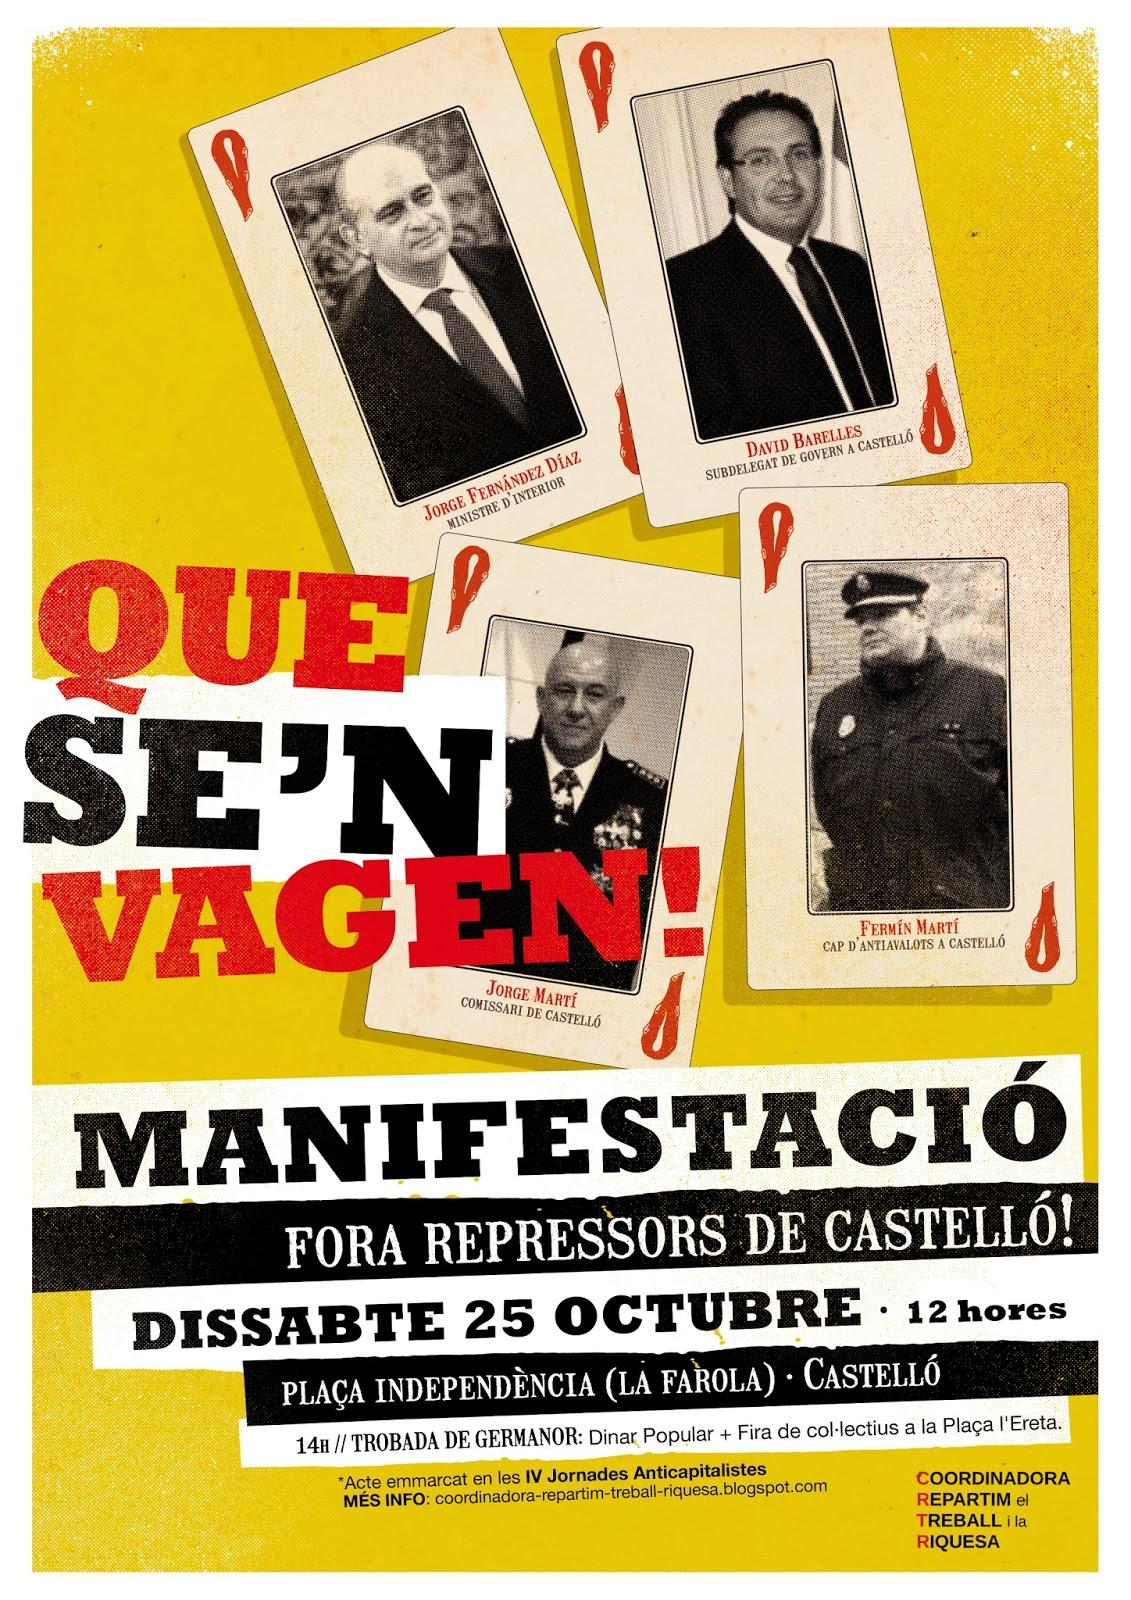 http://coordinadora-repartim-treball-riquesa.blogspot.com/2014/10/manifestacio-contra-la-repressio-que.html